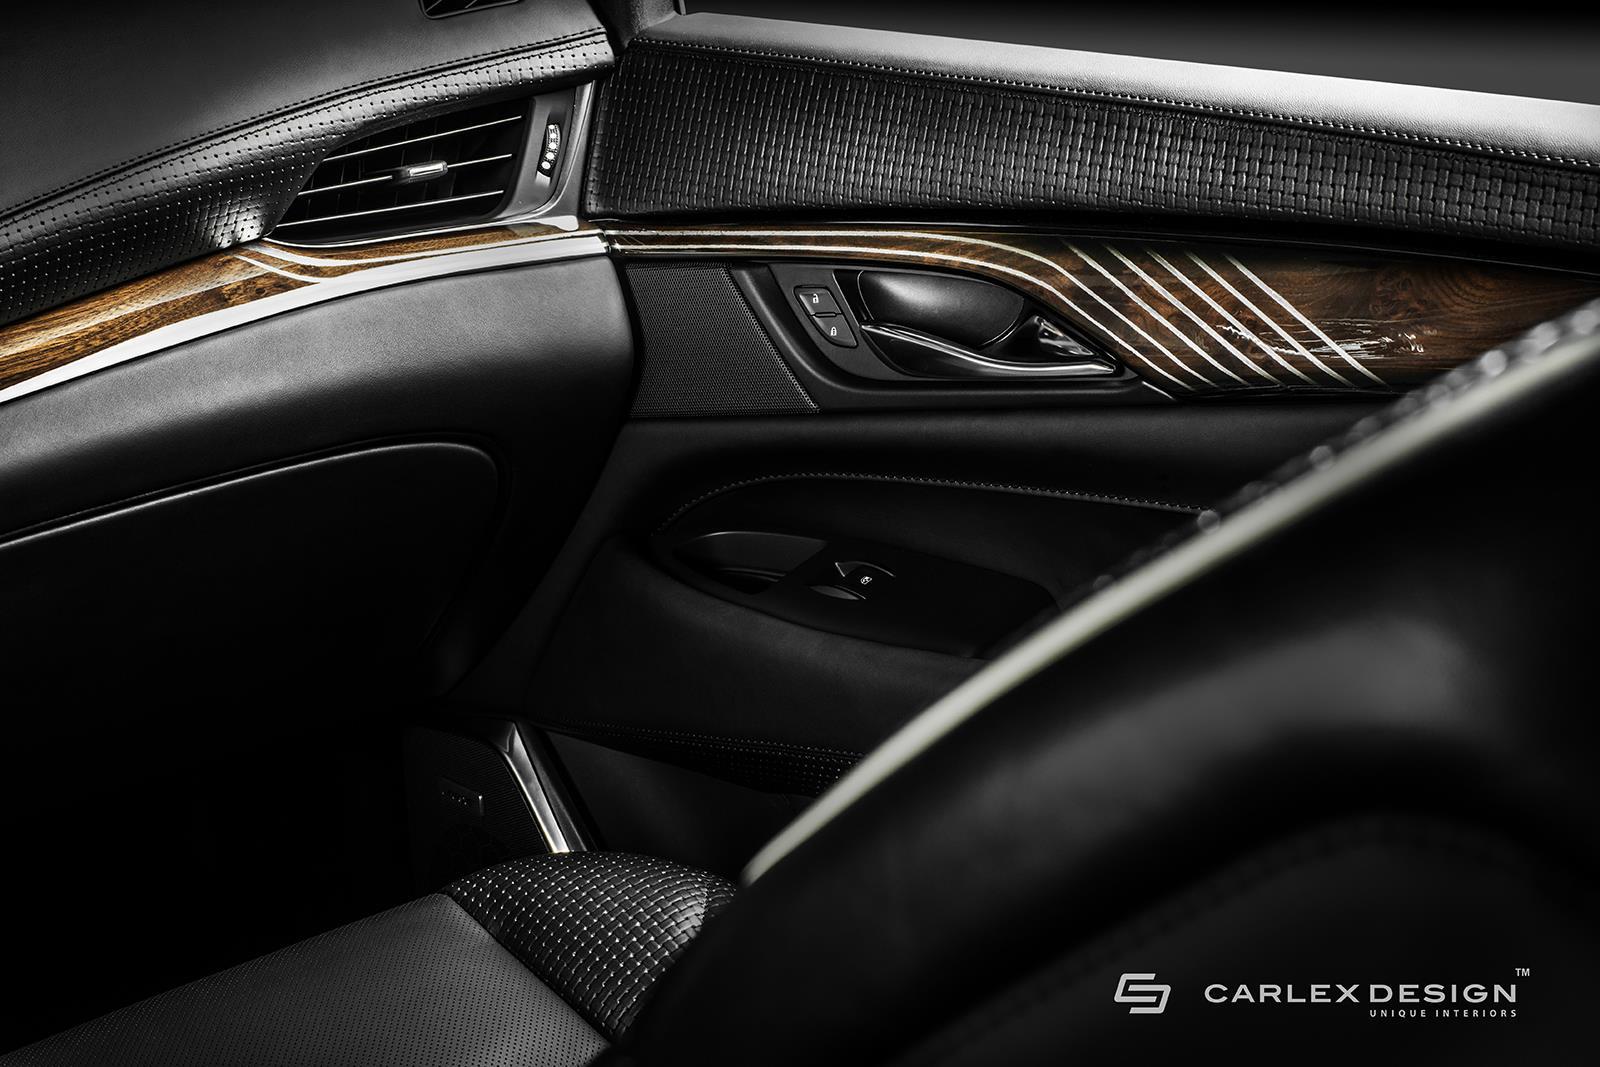 carlex-cadillac-escalade-interior-8